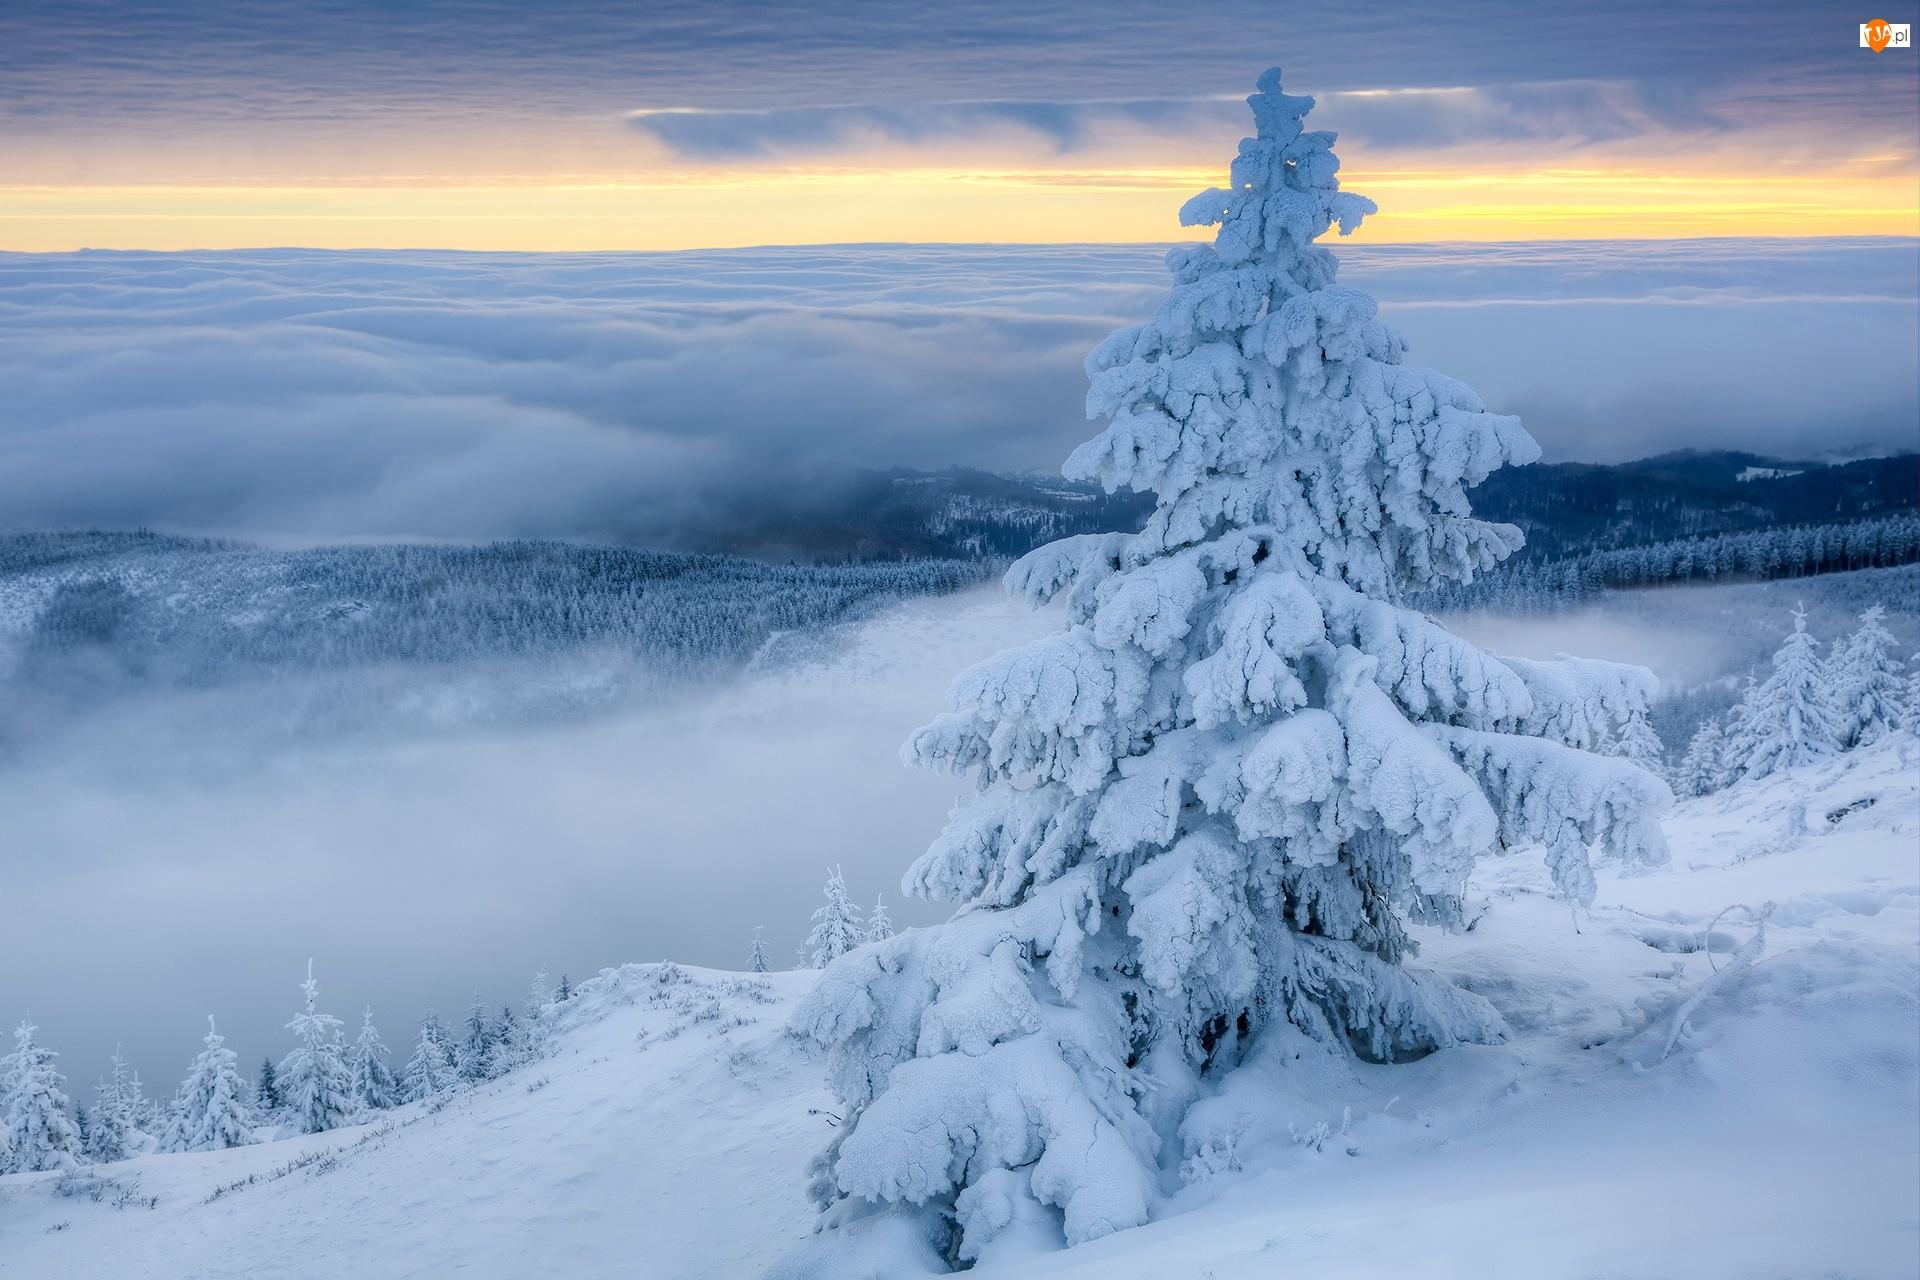 Świerk, Śnieg, Ośnieżony, Zima, Mgła